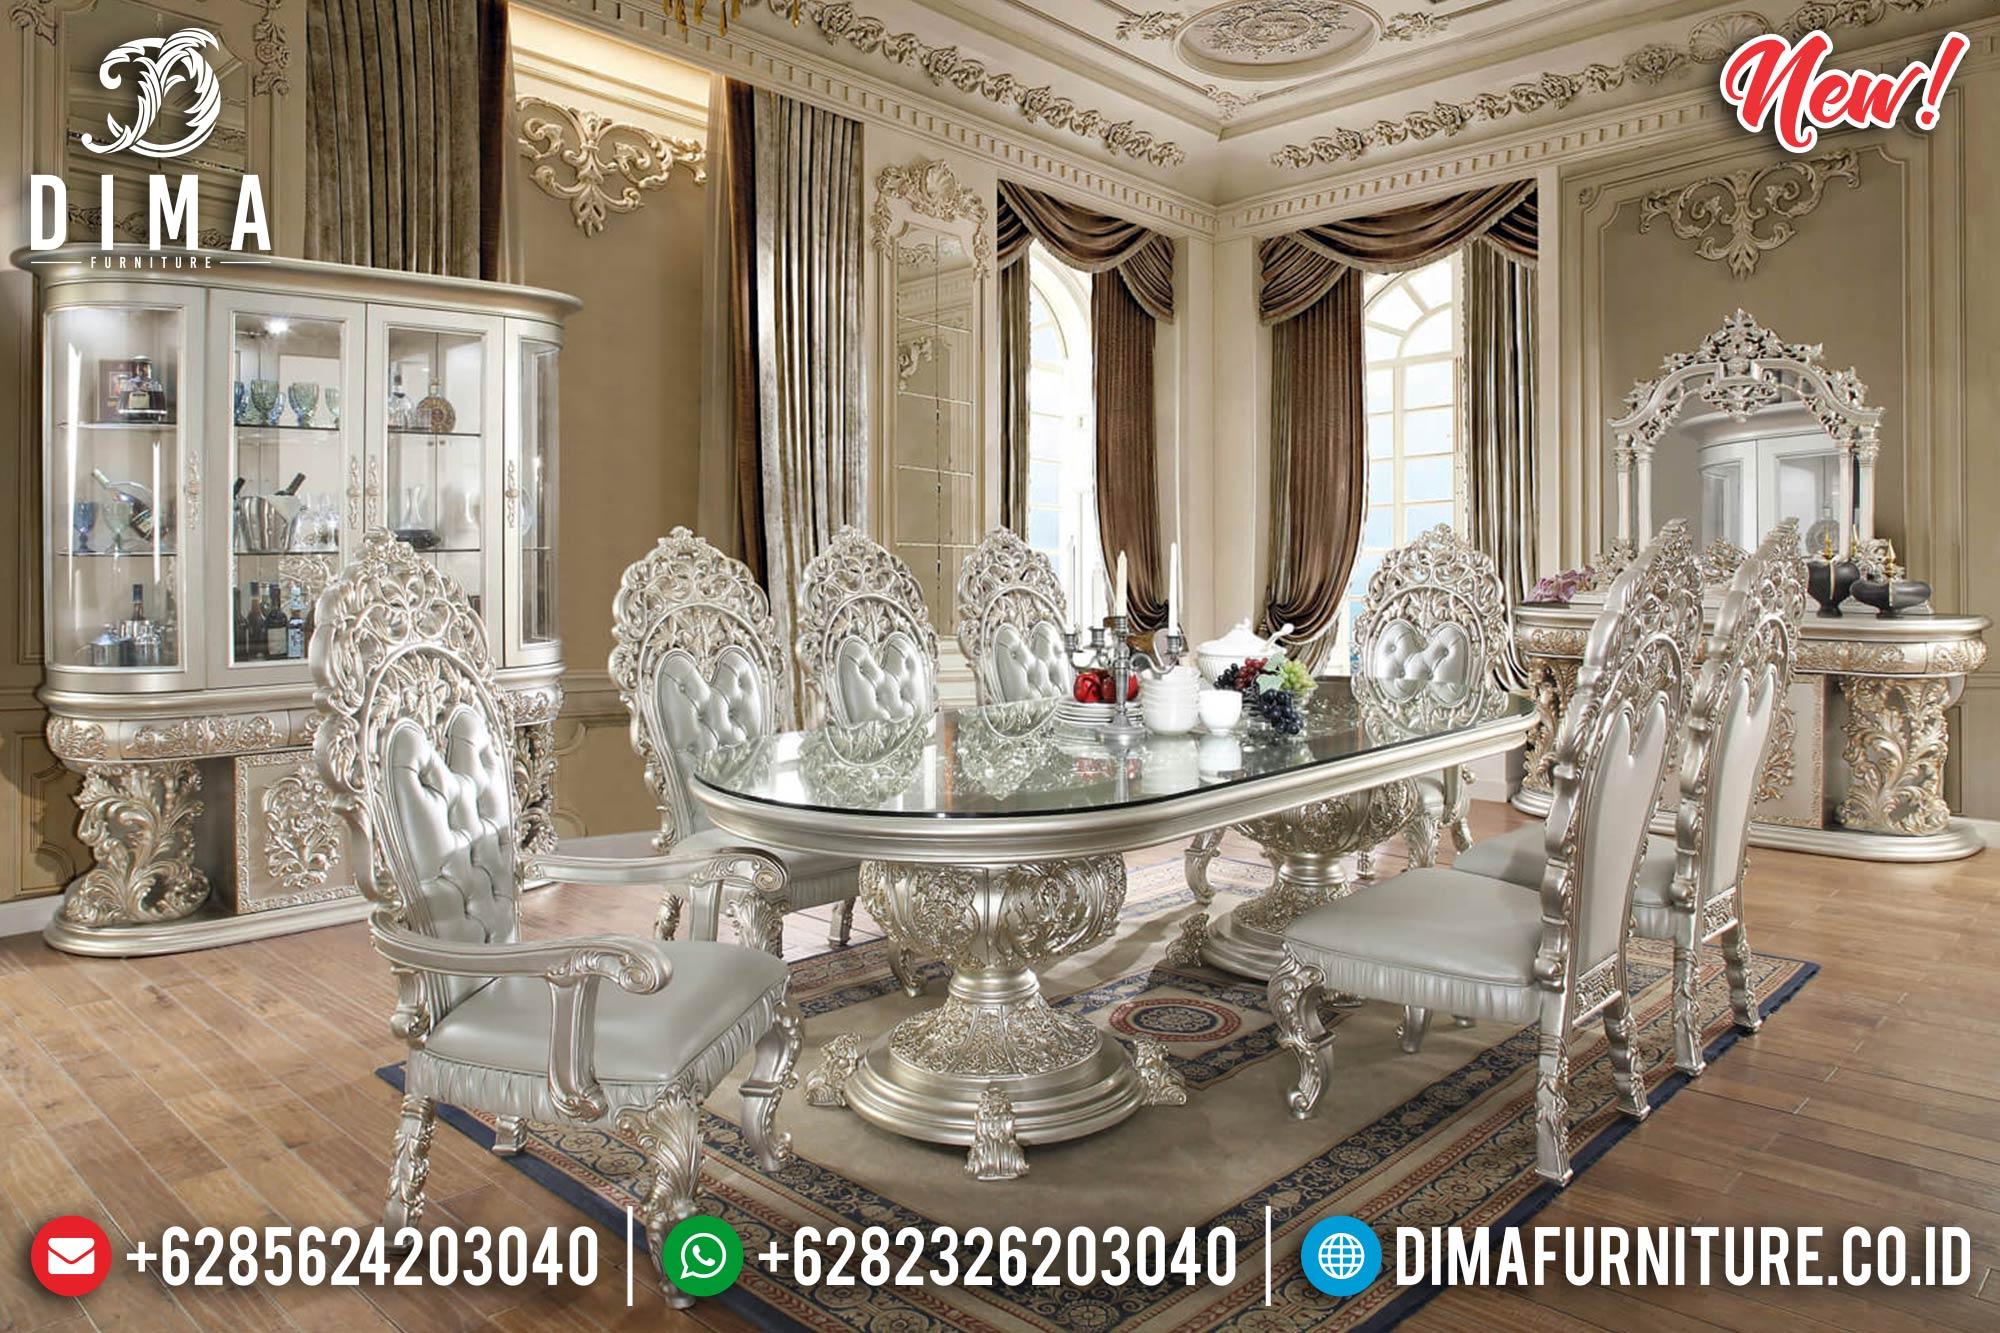 New Meja Makan Mewah Duco Silver Mutiara Mm-0617